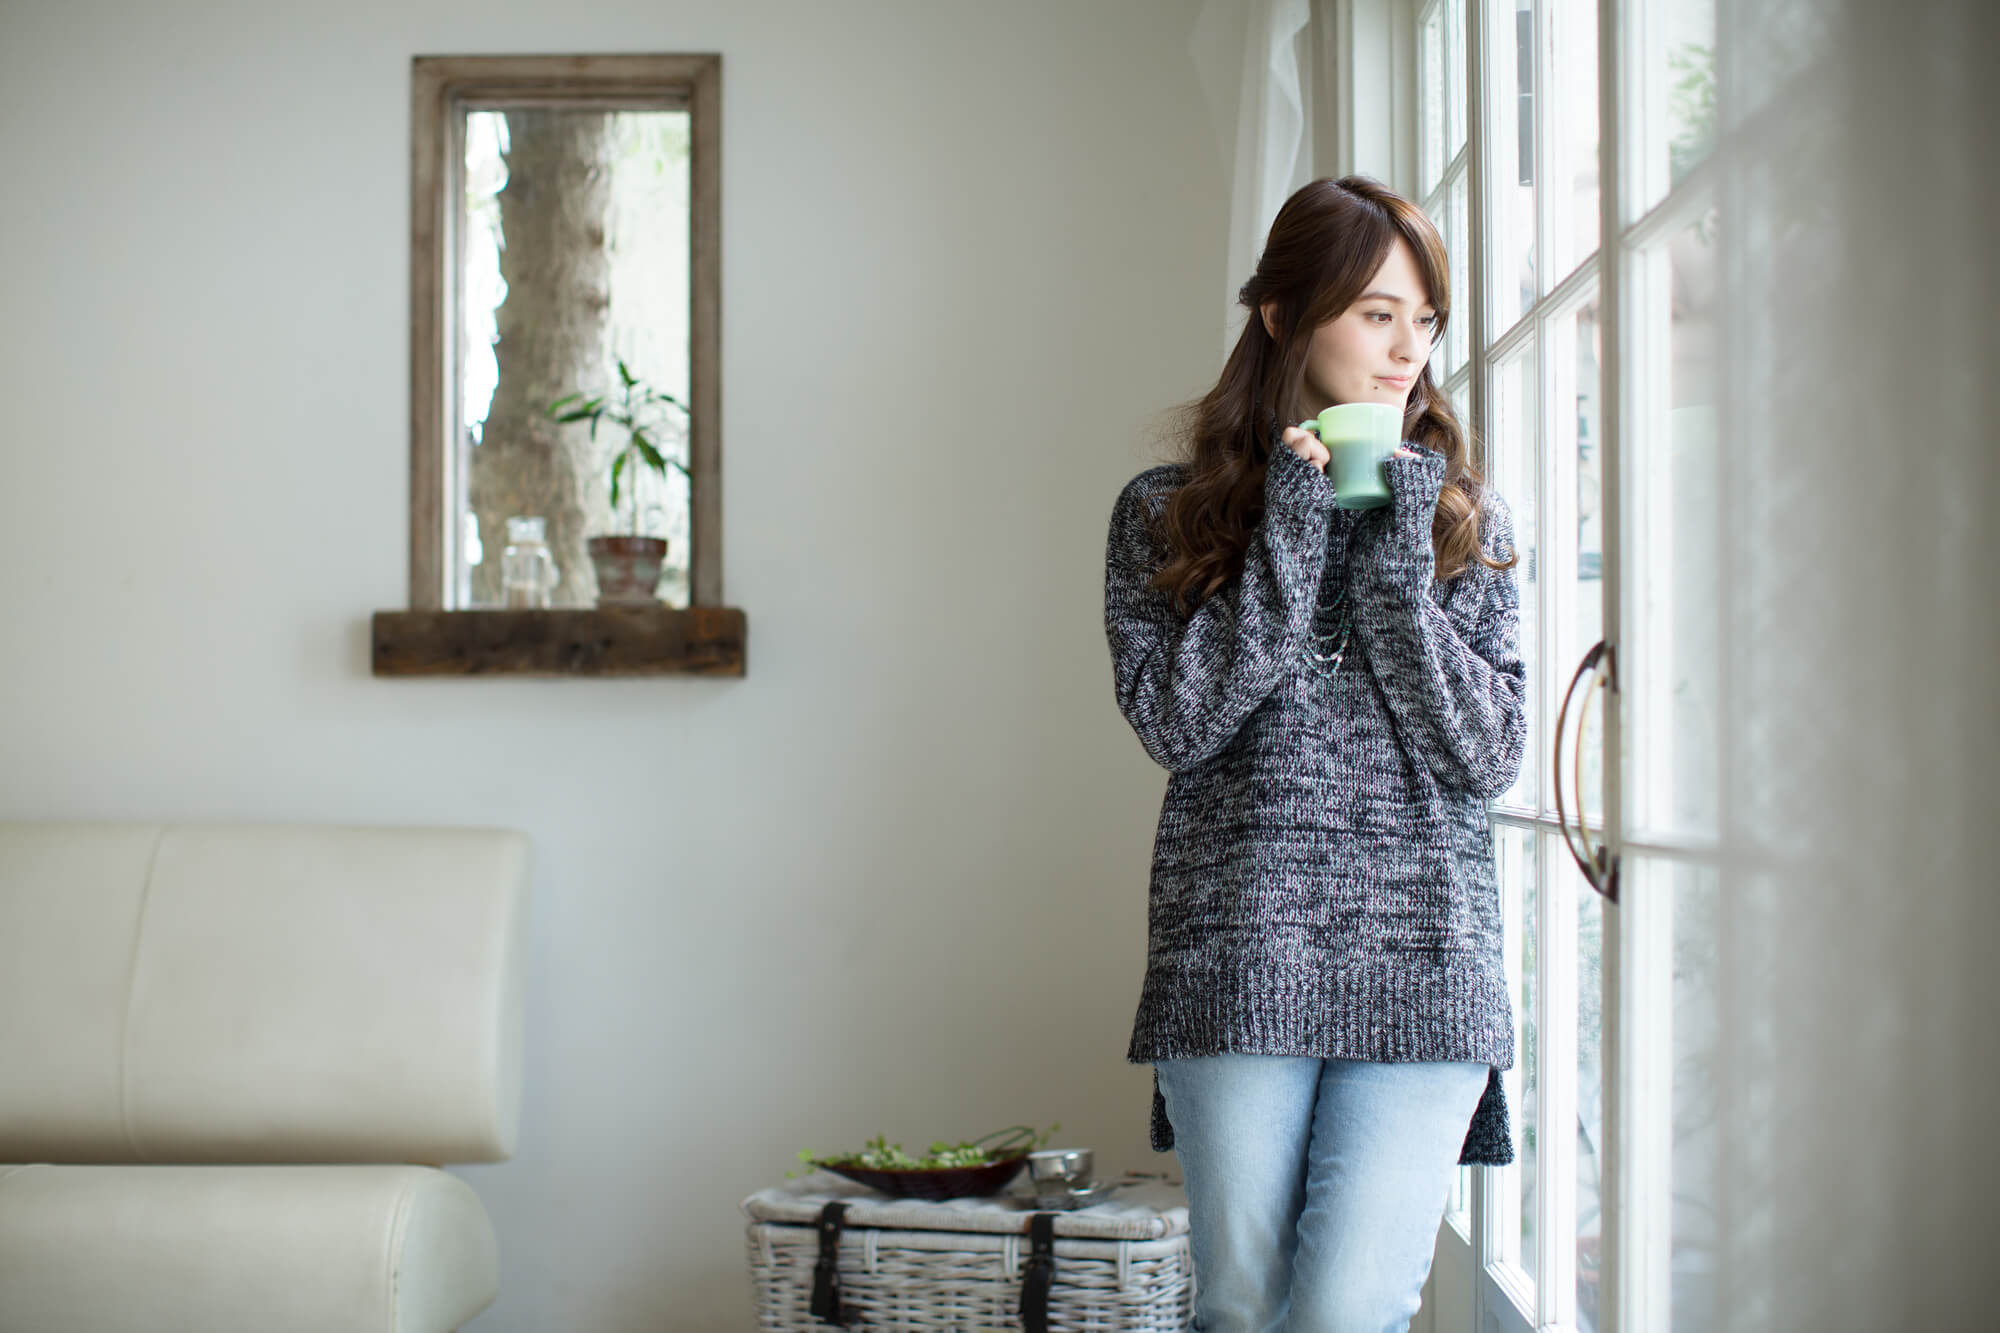 窓辺でホットコーヒーを飲む若い女性